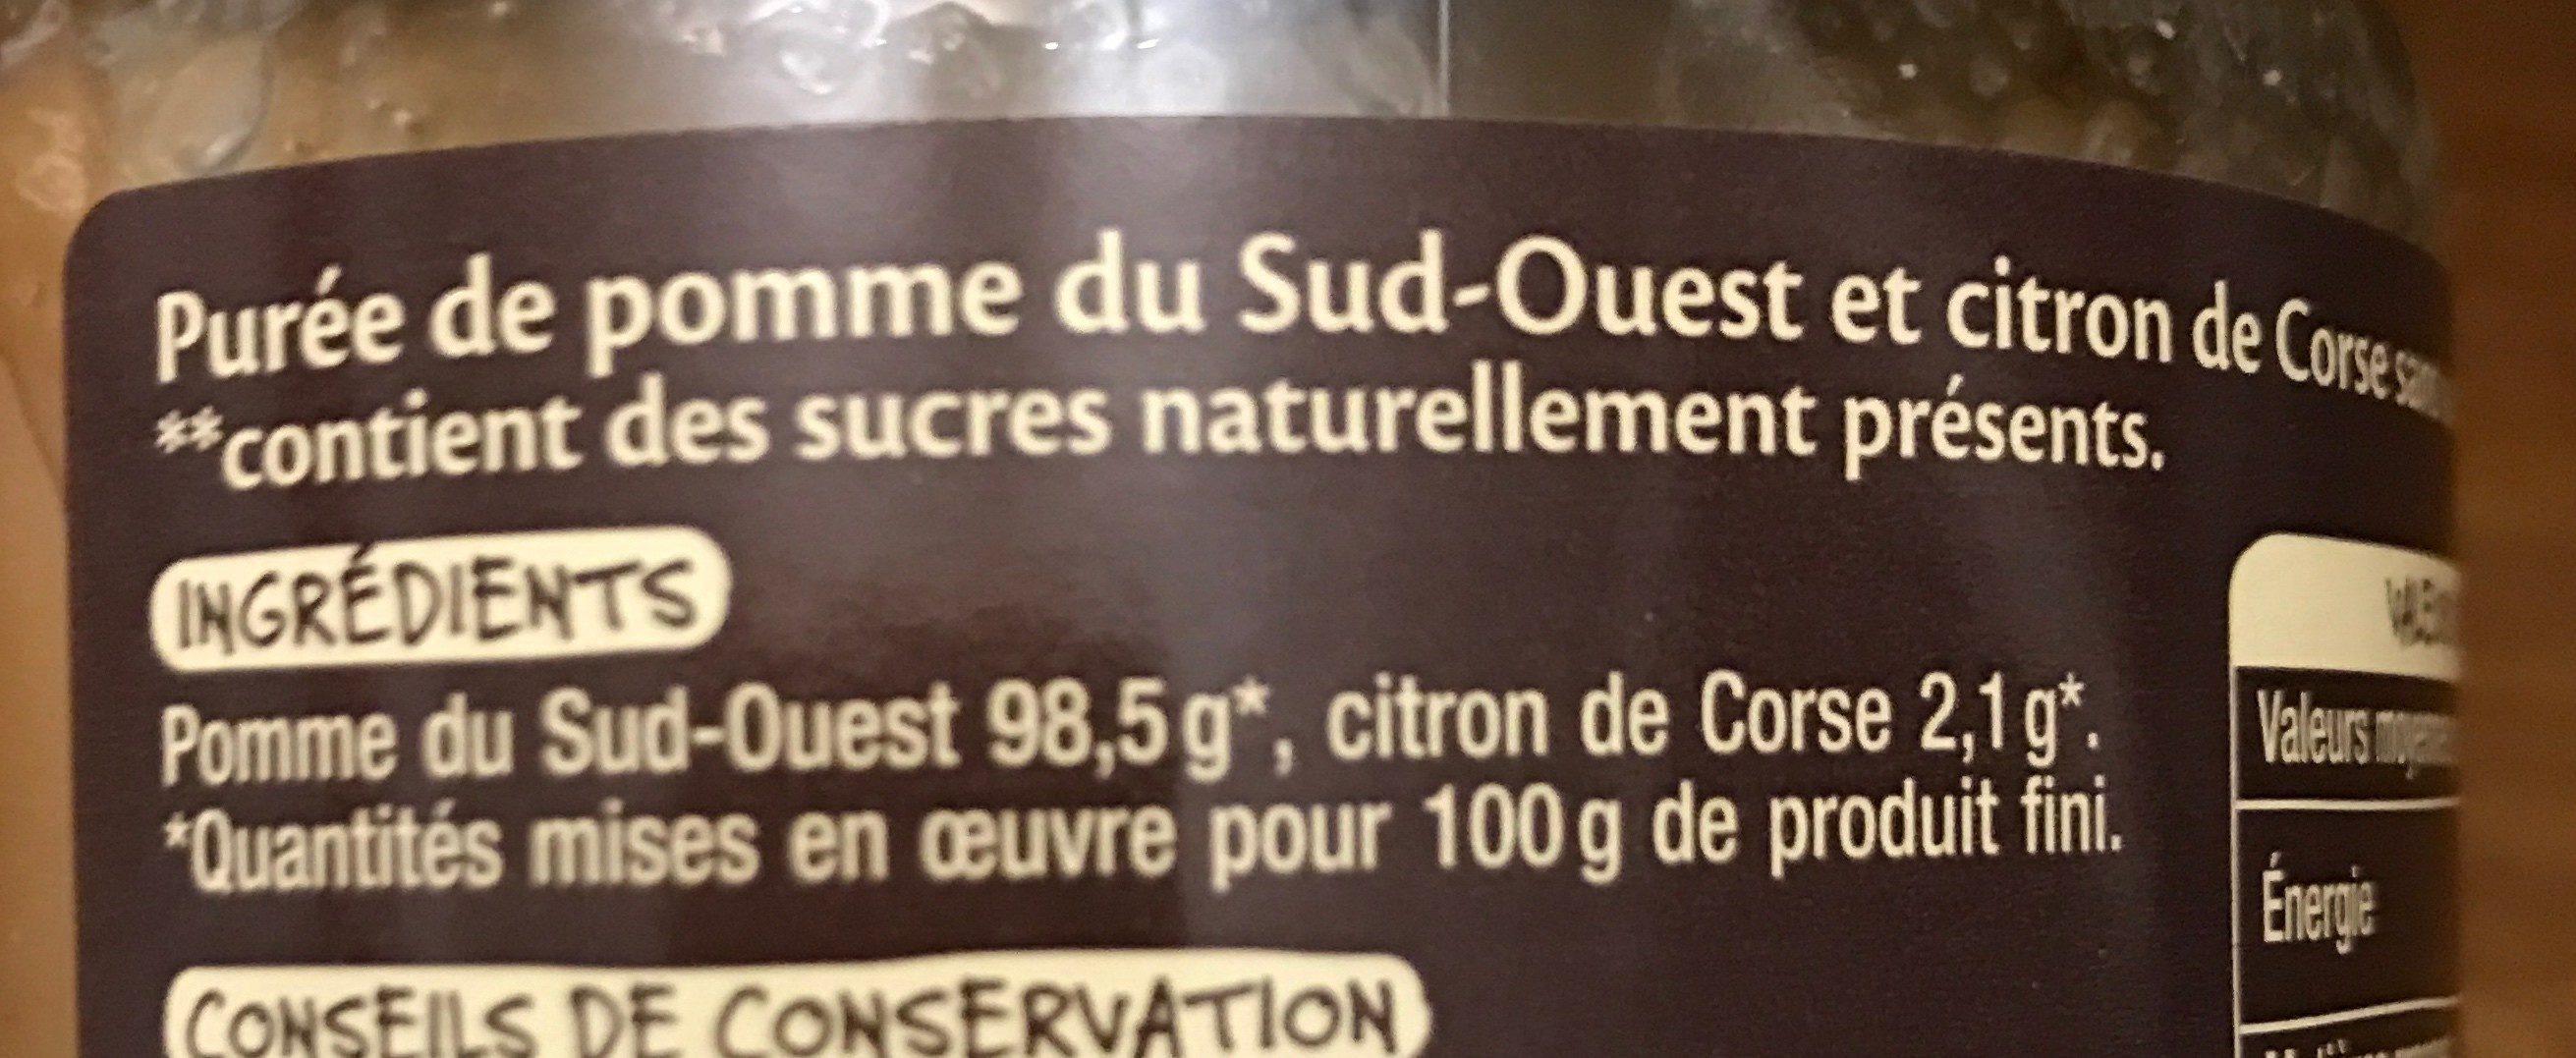 Purée de Pomme du Sud-Ouest et Citron de Corse - Ingrédients - fr